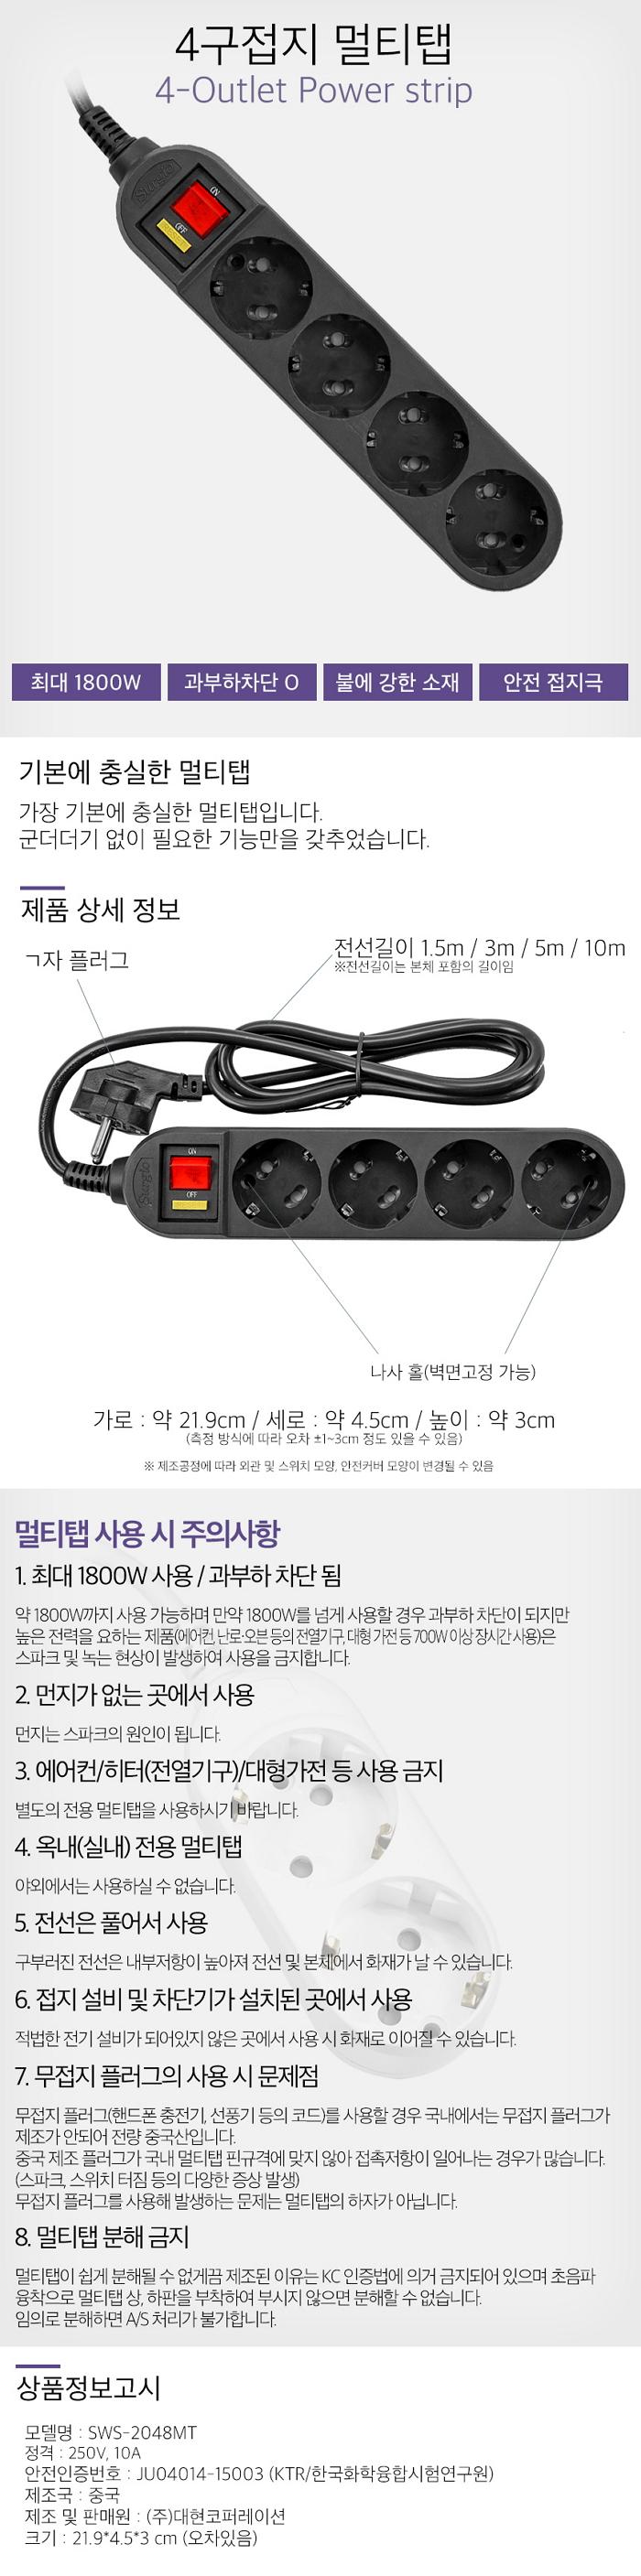 대현코퍼레이션 써지오 4구 10A 메인스위치 멀티탭 신형 (10m)